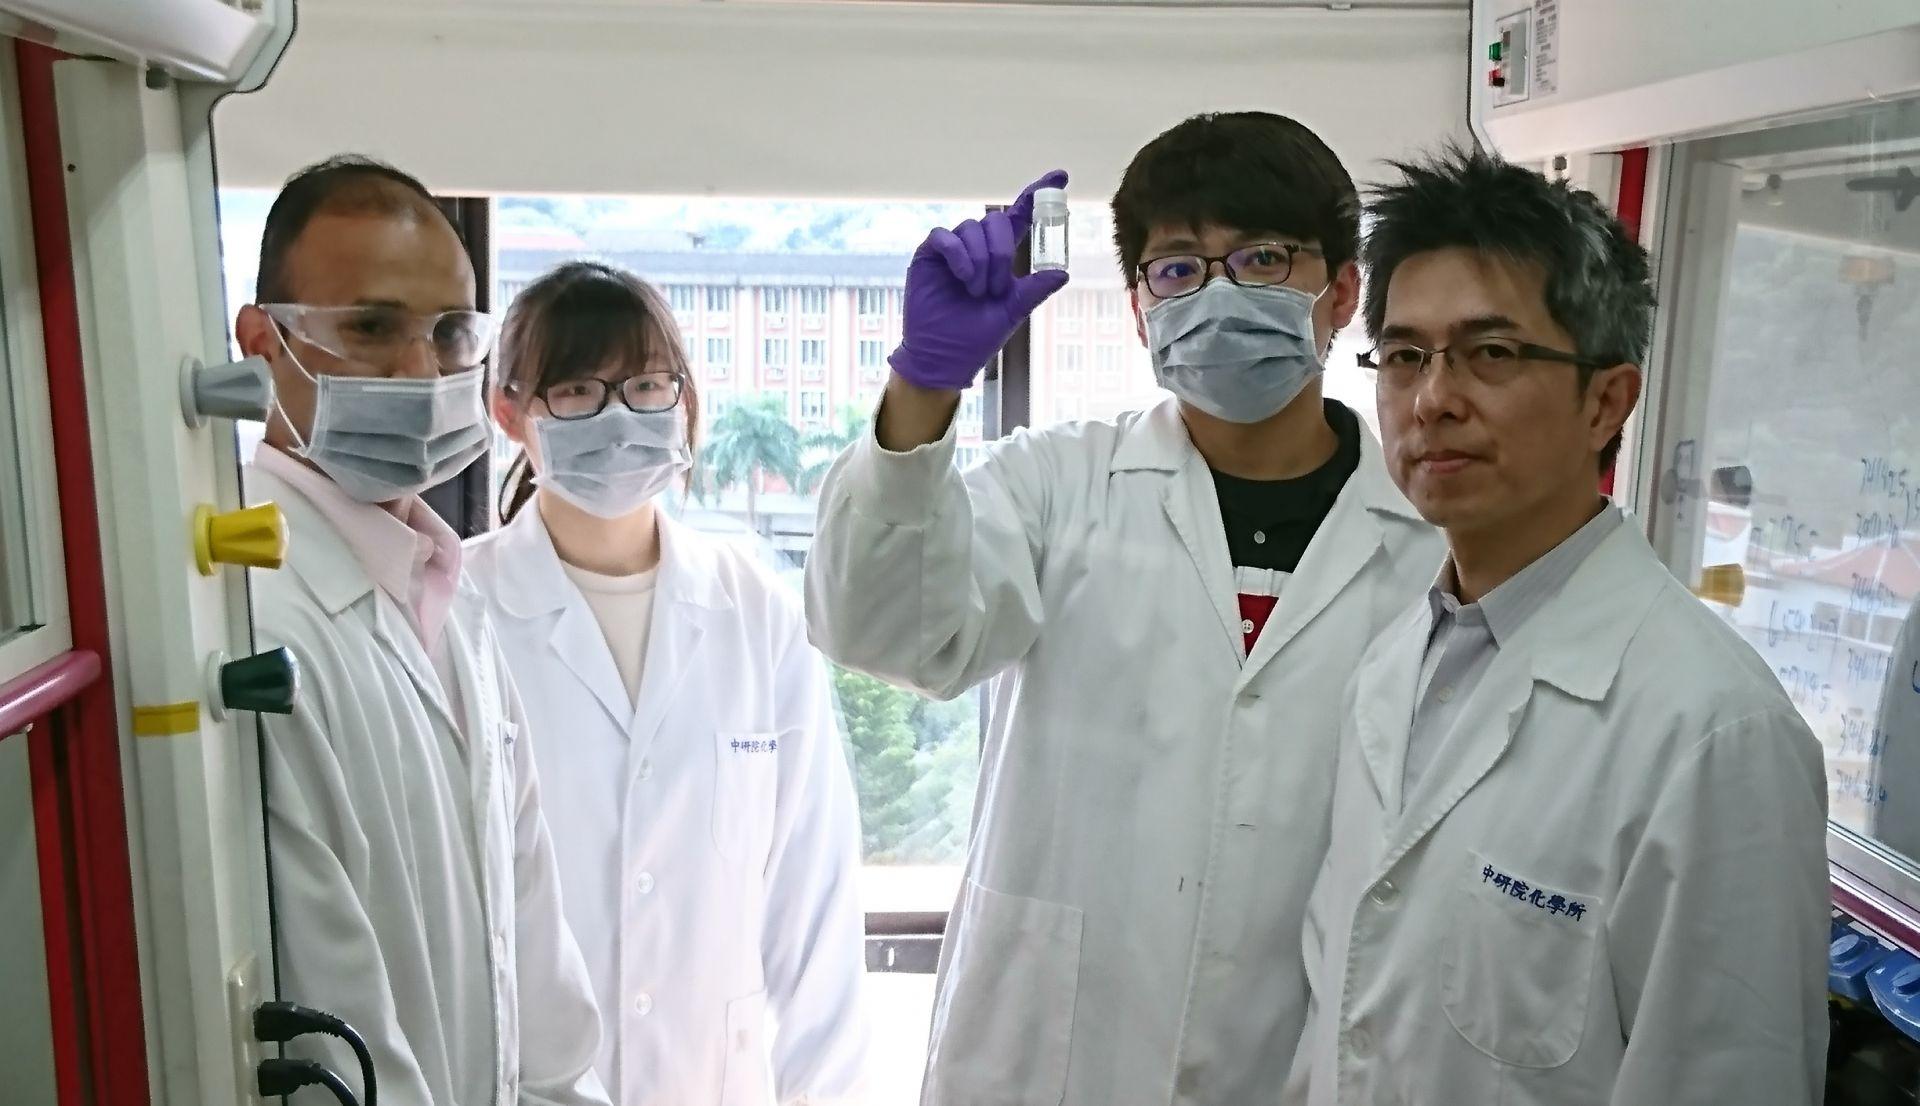 2周合成純度97%武漢肺炎用藥 中研院7人團隊如何克服「2大關卡」展現台灣速度?